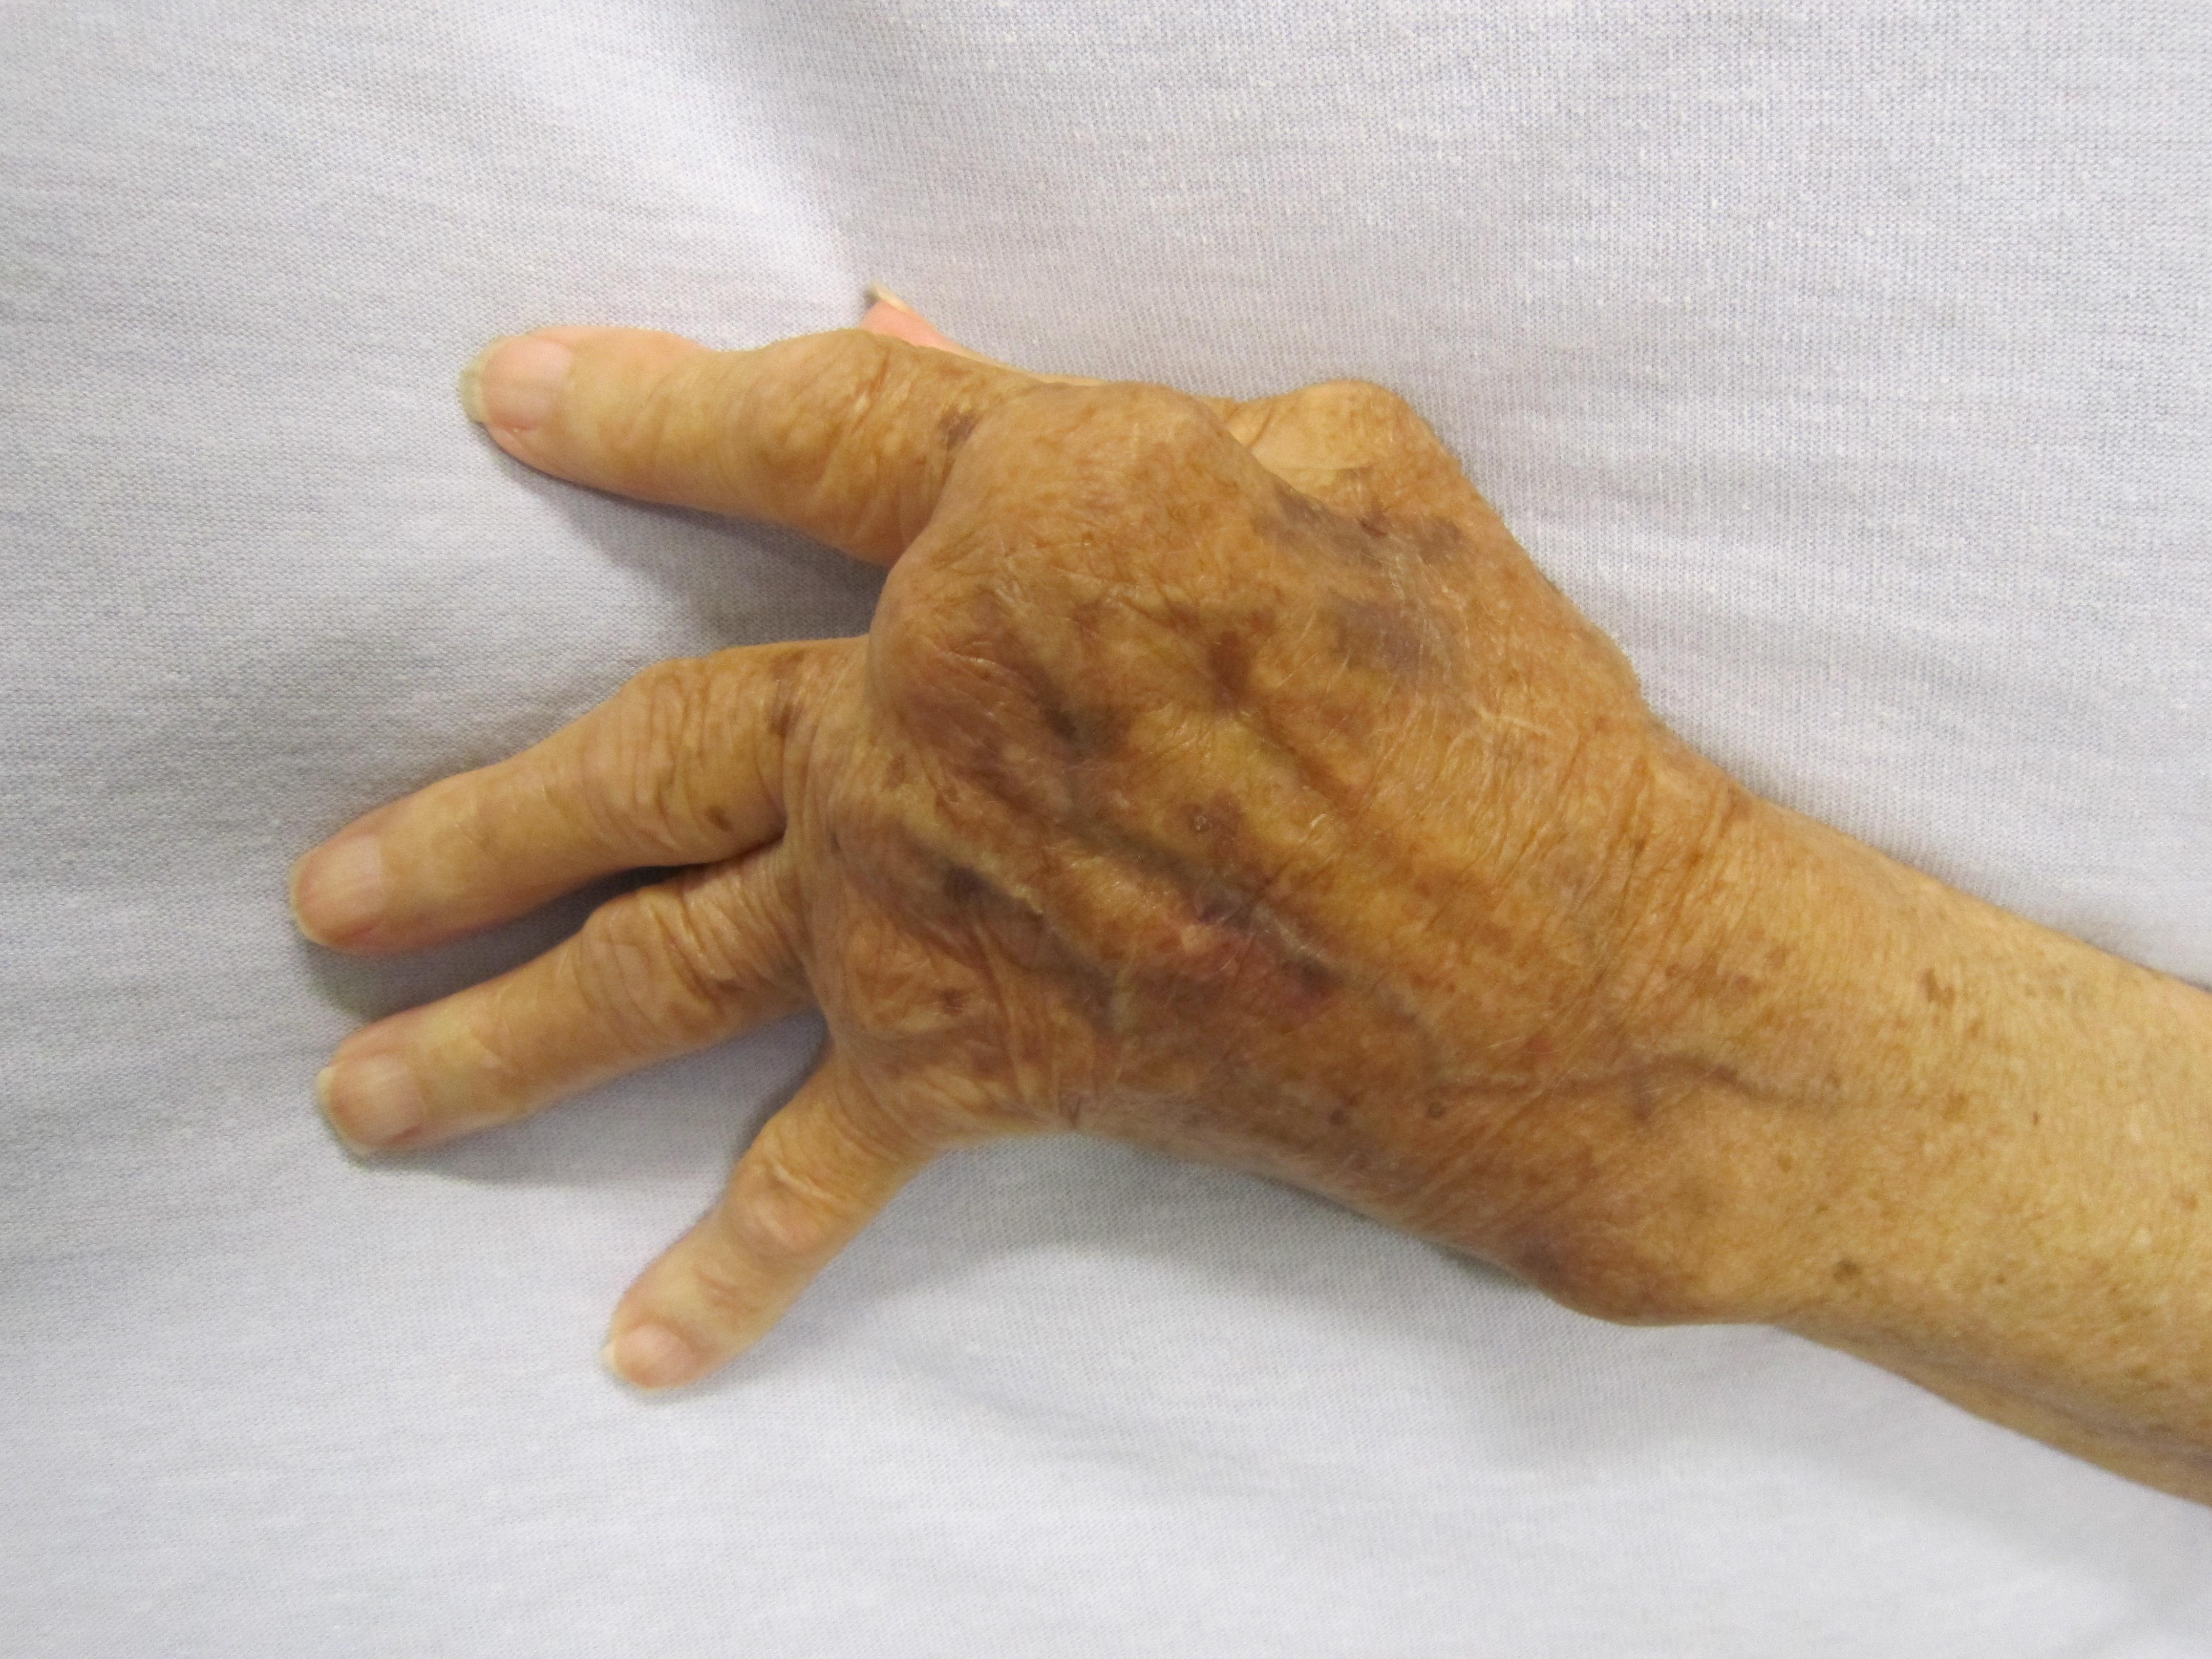 rheumatoid arthritis ízületek kivételek